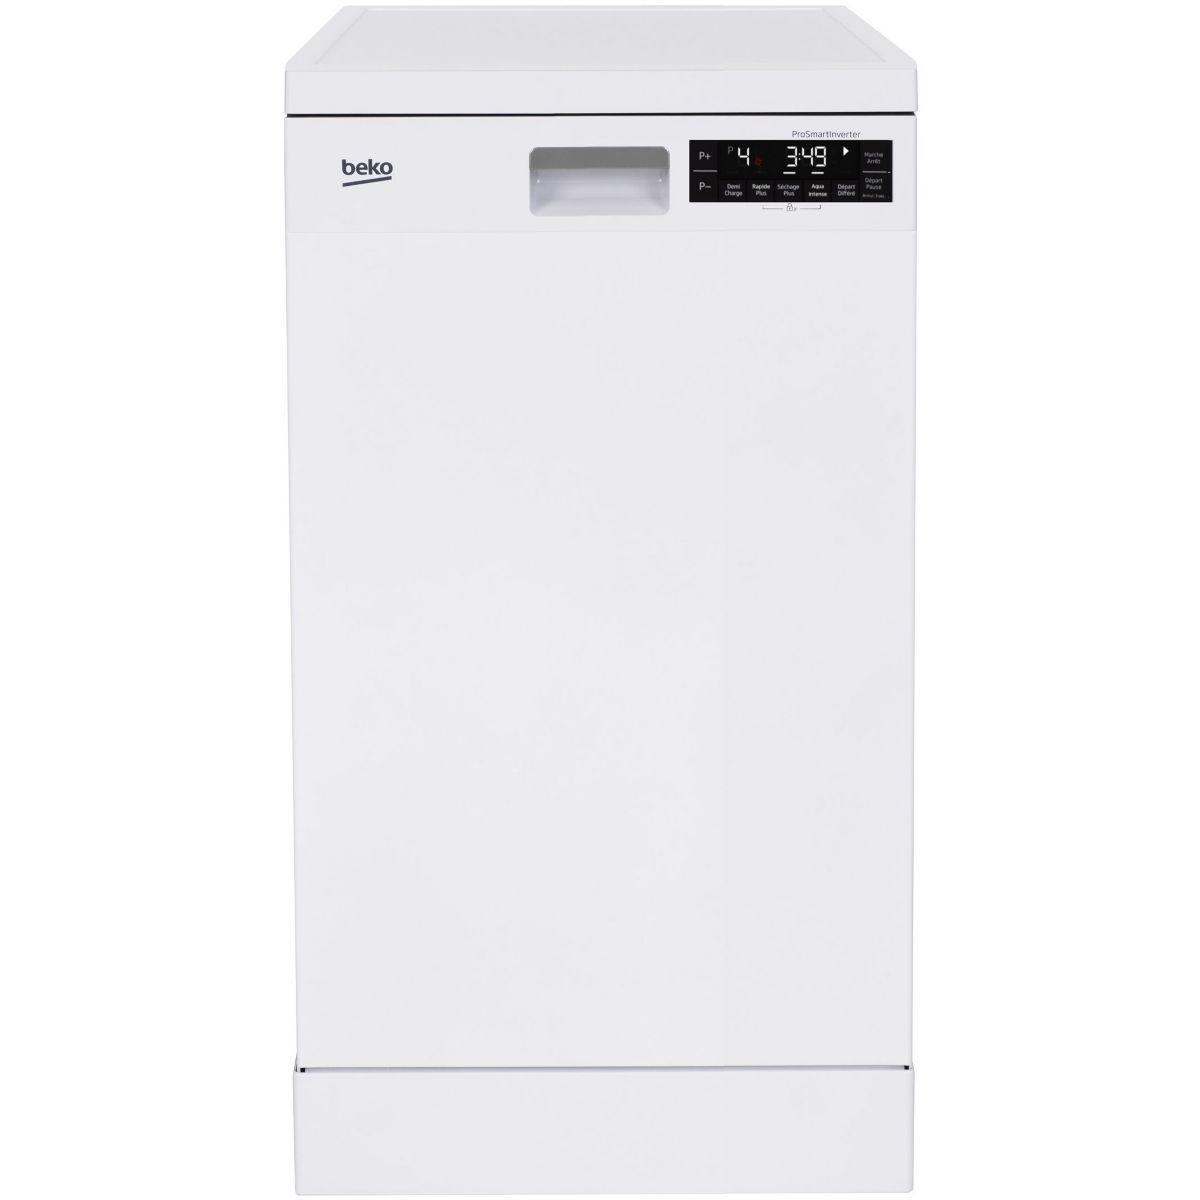 Lave vaisselle 45 cm beko dfs28120w - livraison offerte : code livp